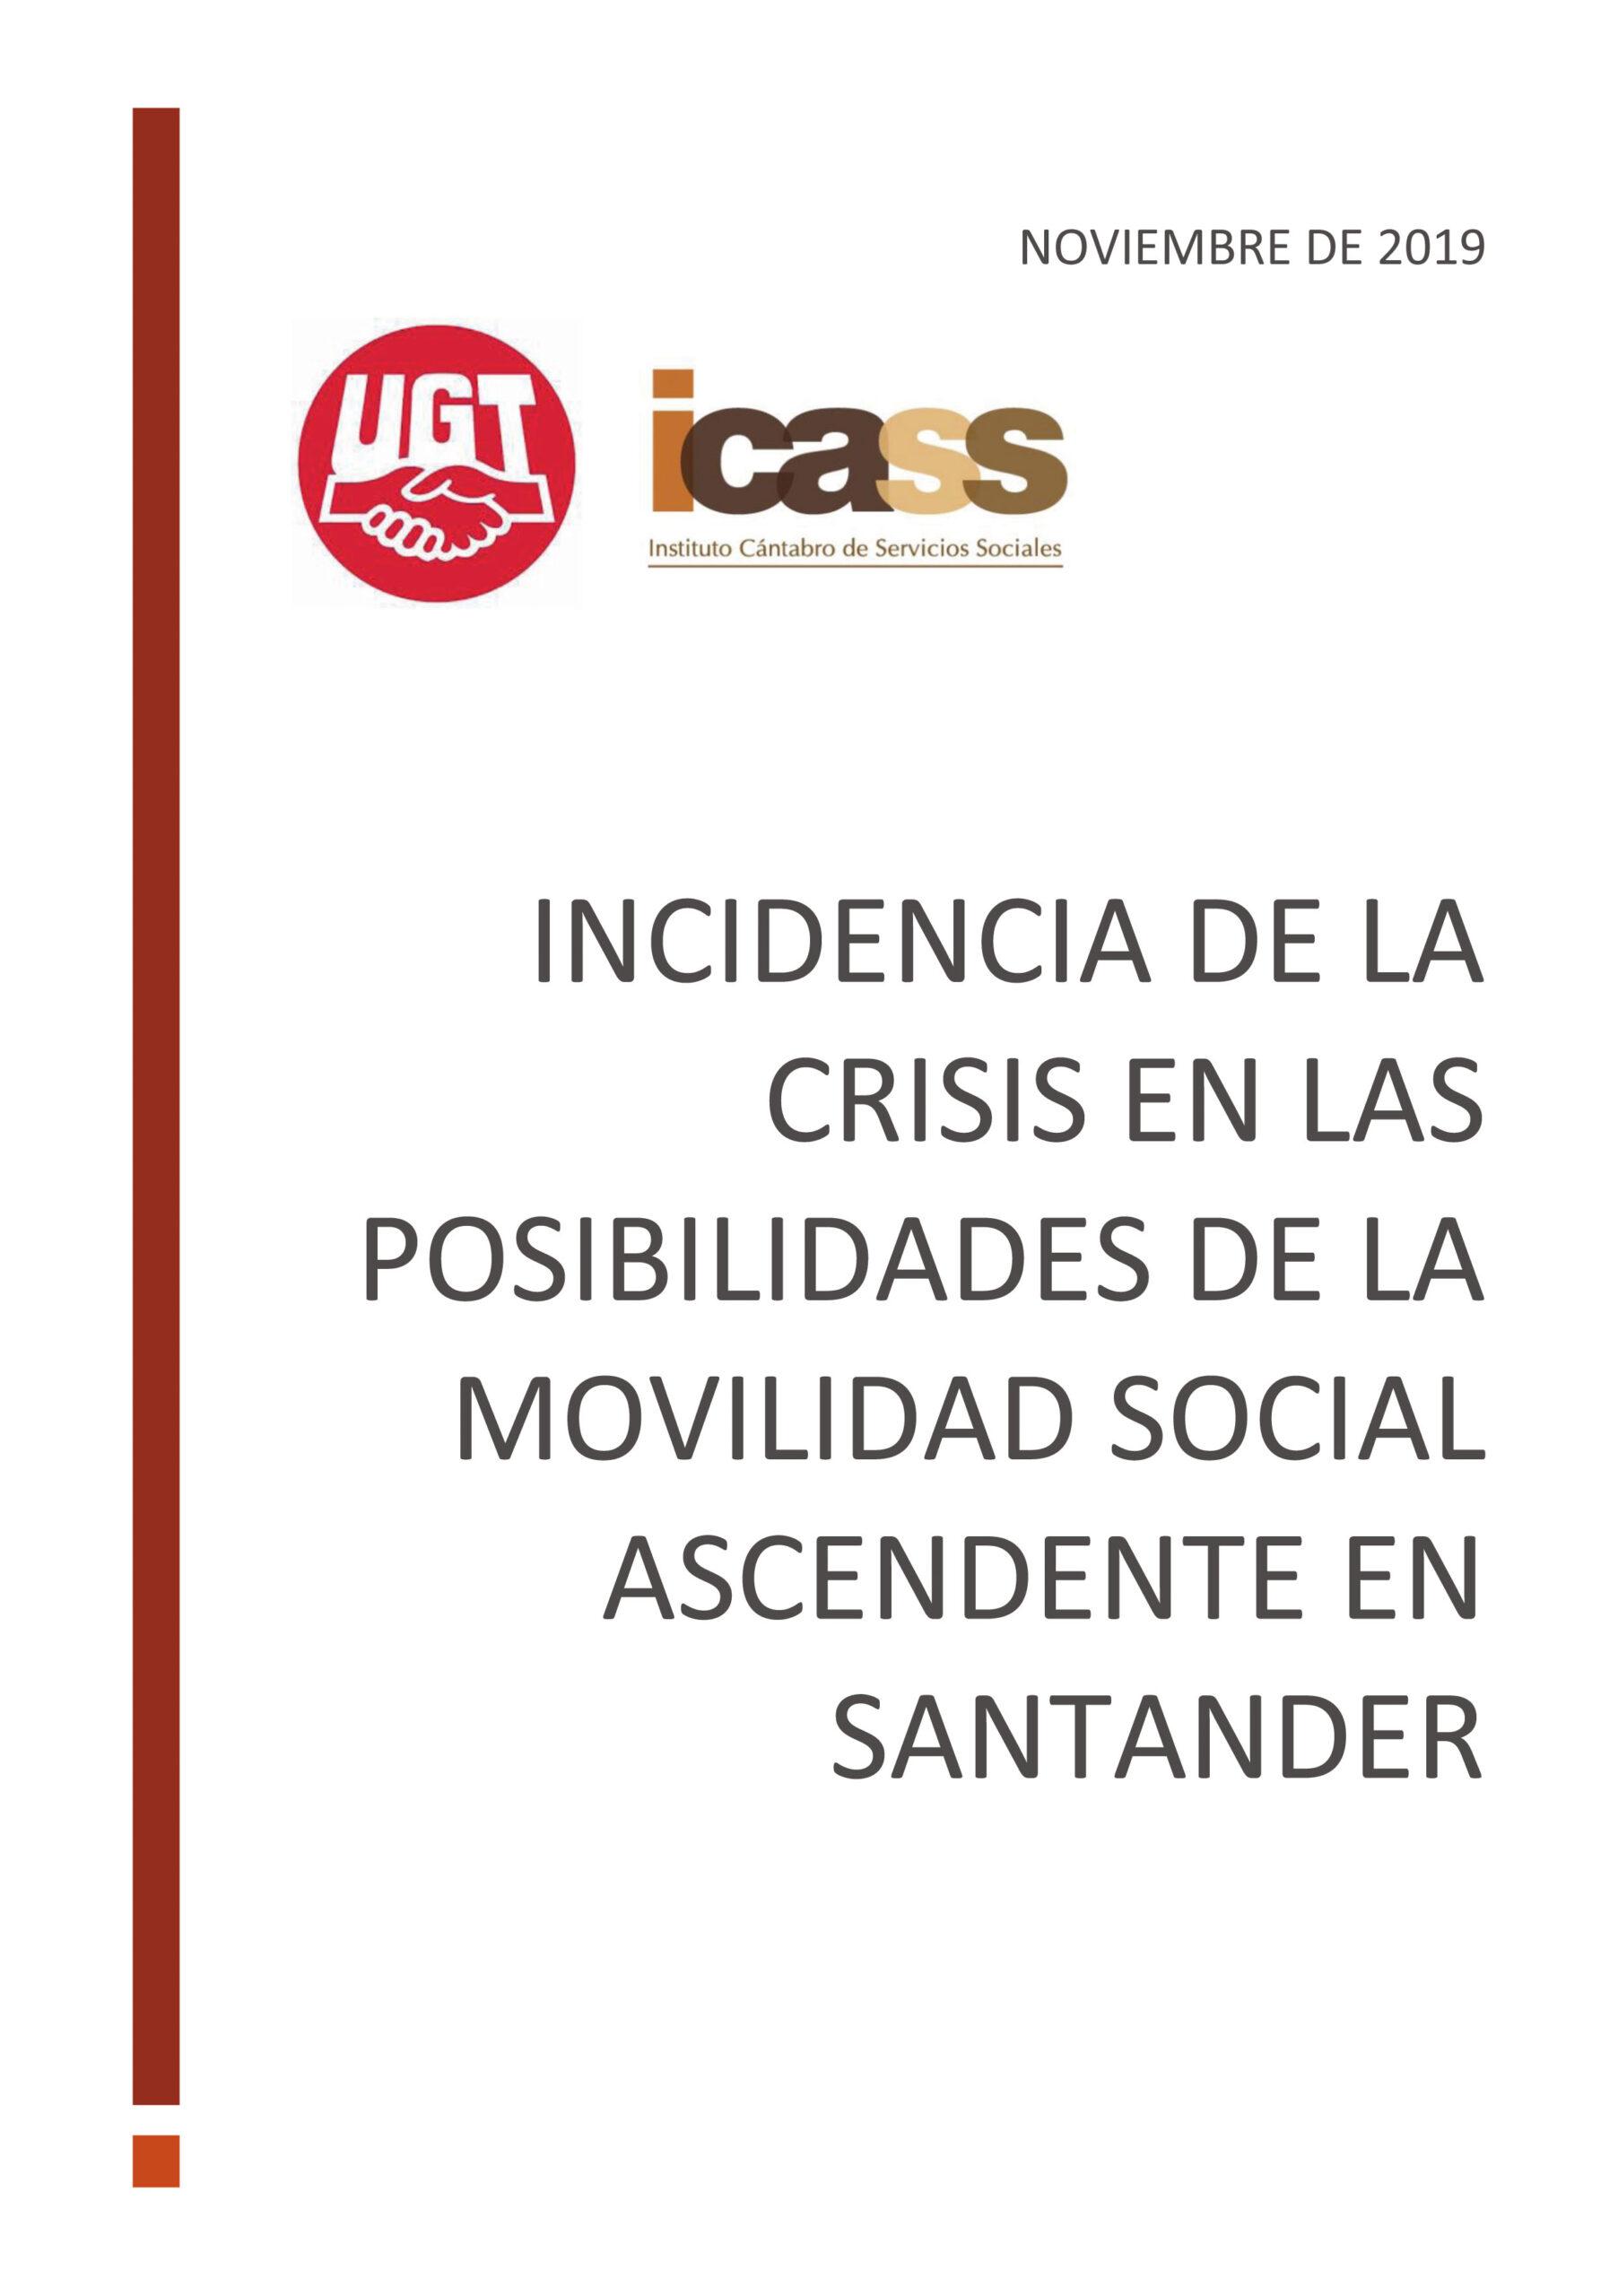 Incidencia de la crisis en las posibilidades de la movilidad social ascendente en Santander